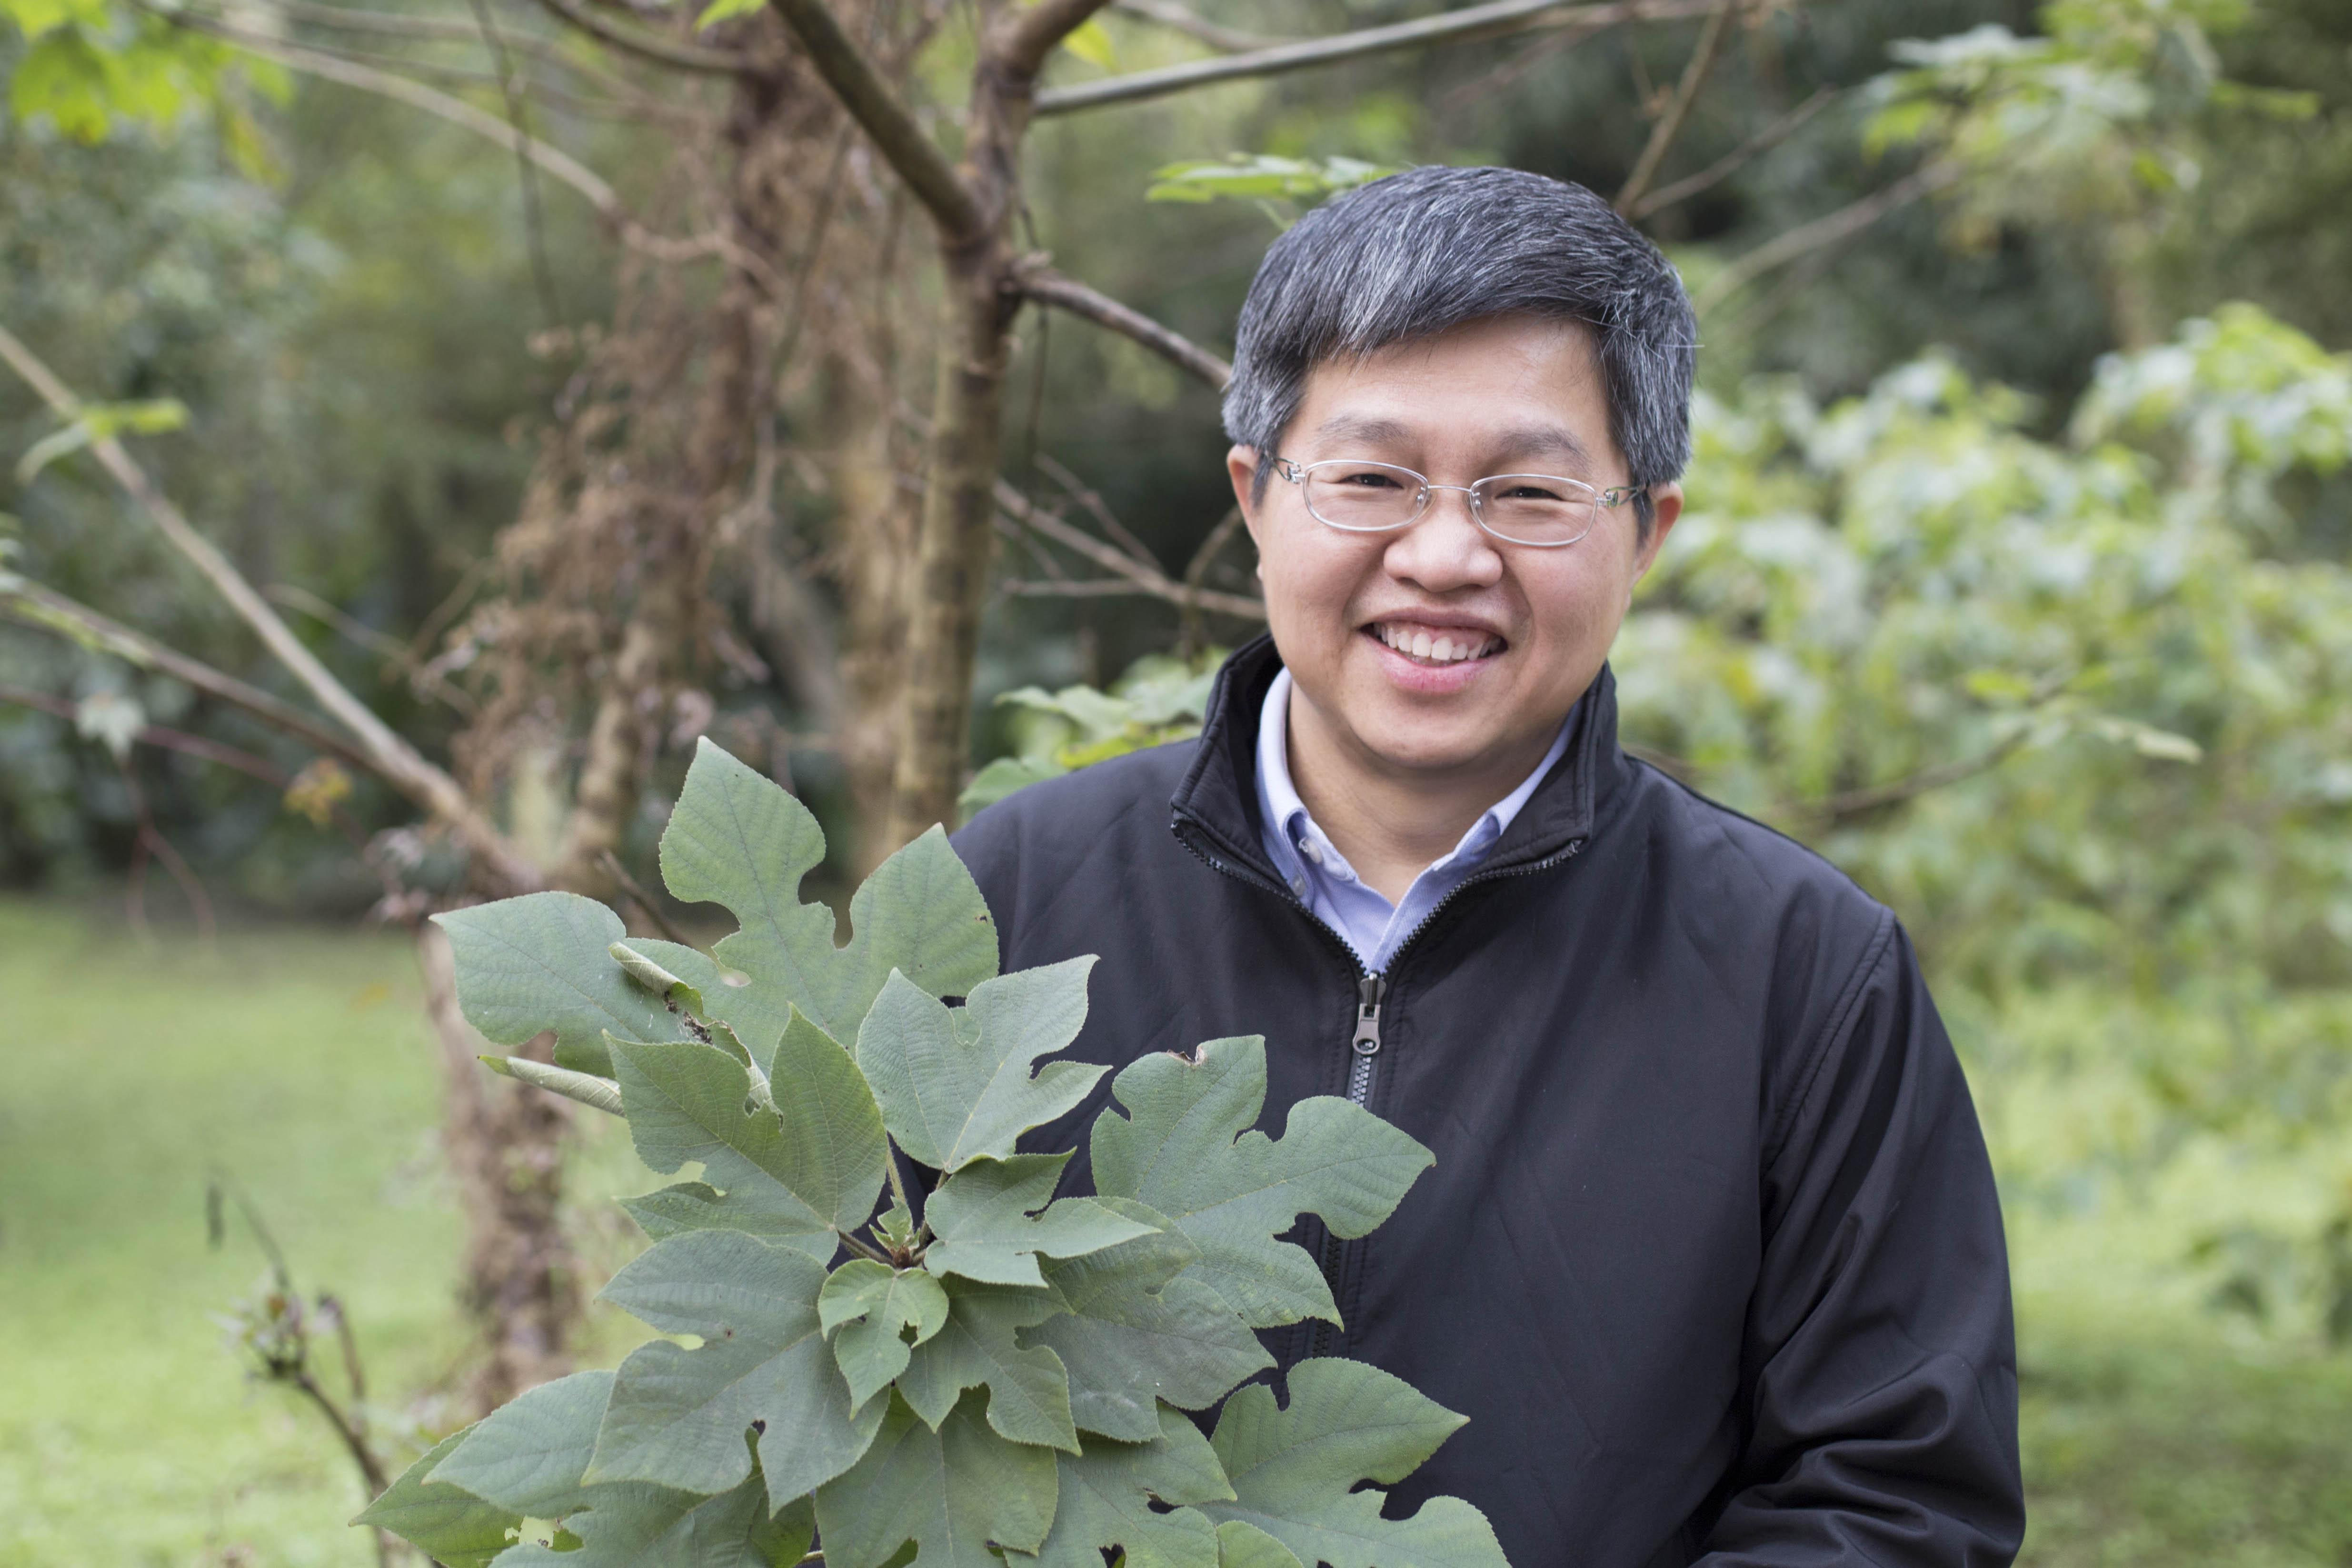 對於從構樹葉綠體基因描繪出南島語族史前航線、佐證「出臺灣說」的研究過程,鍾國芳認為是「努力與幸運的結合」。 攝影│張語辰